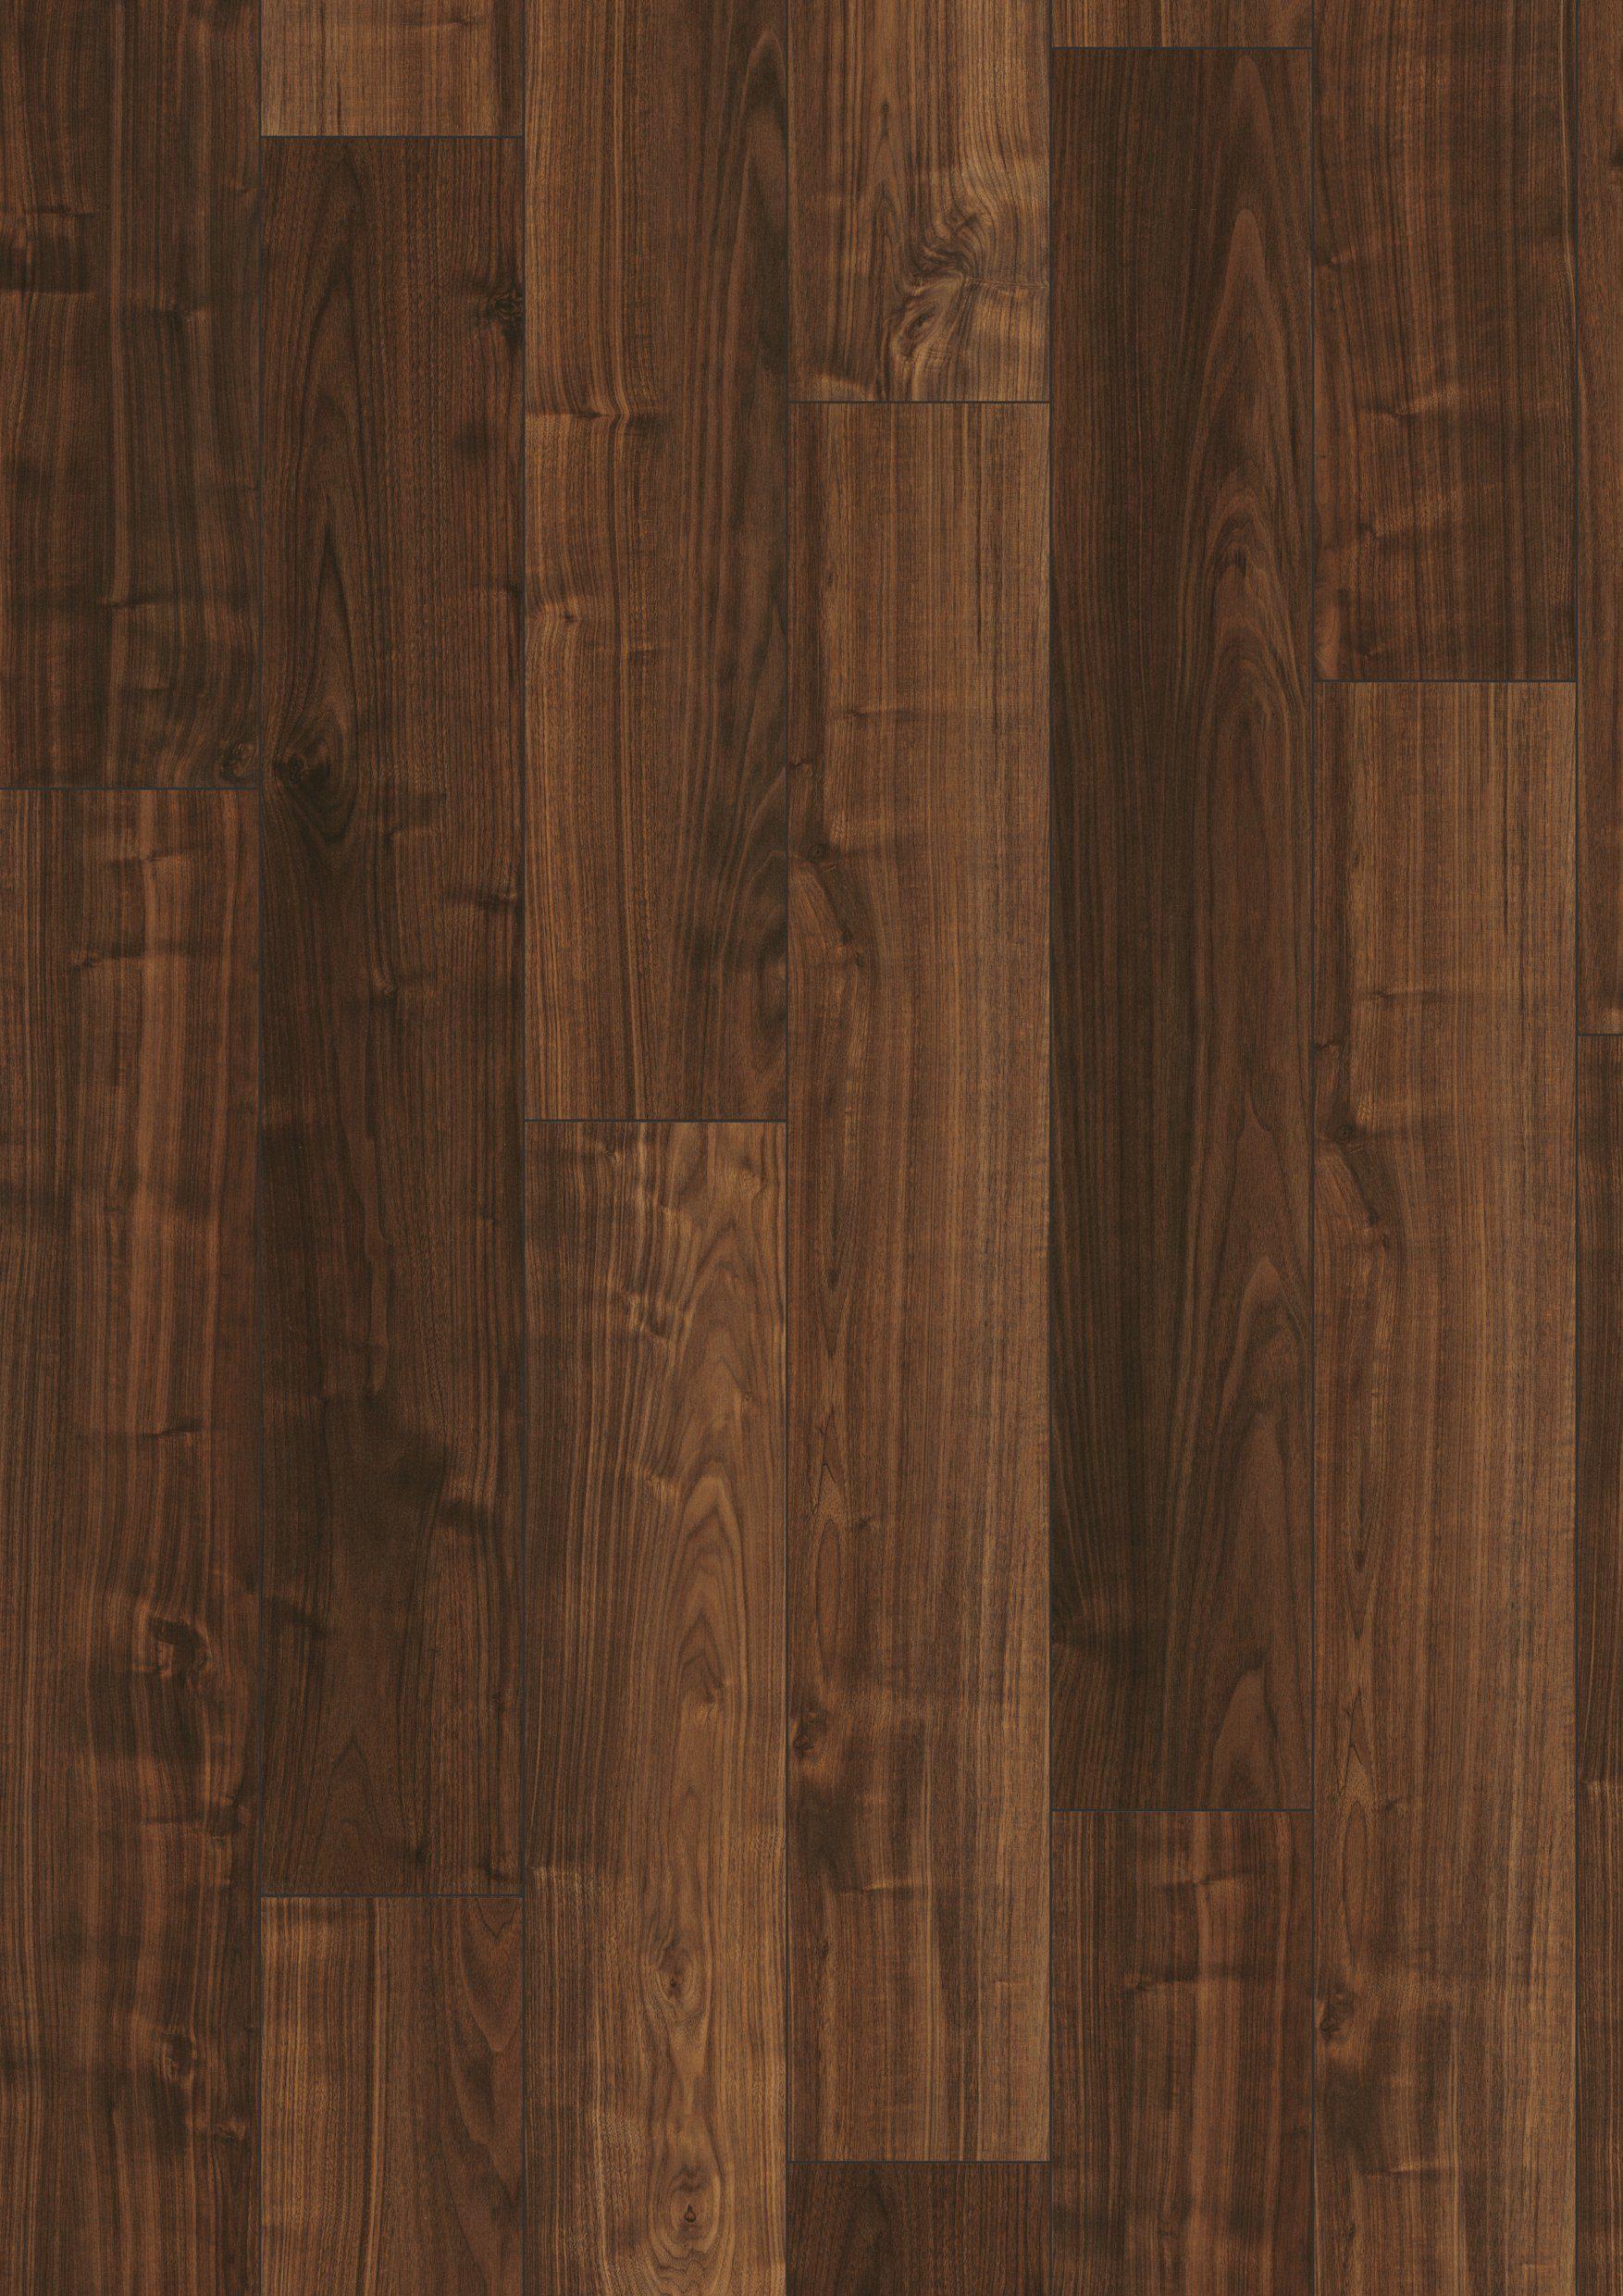 PARADOR Laminat »Basic 200 - Walnuss«, 1285 x 194 mm, Stärke: 7 mm